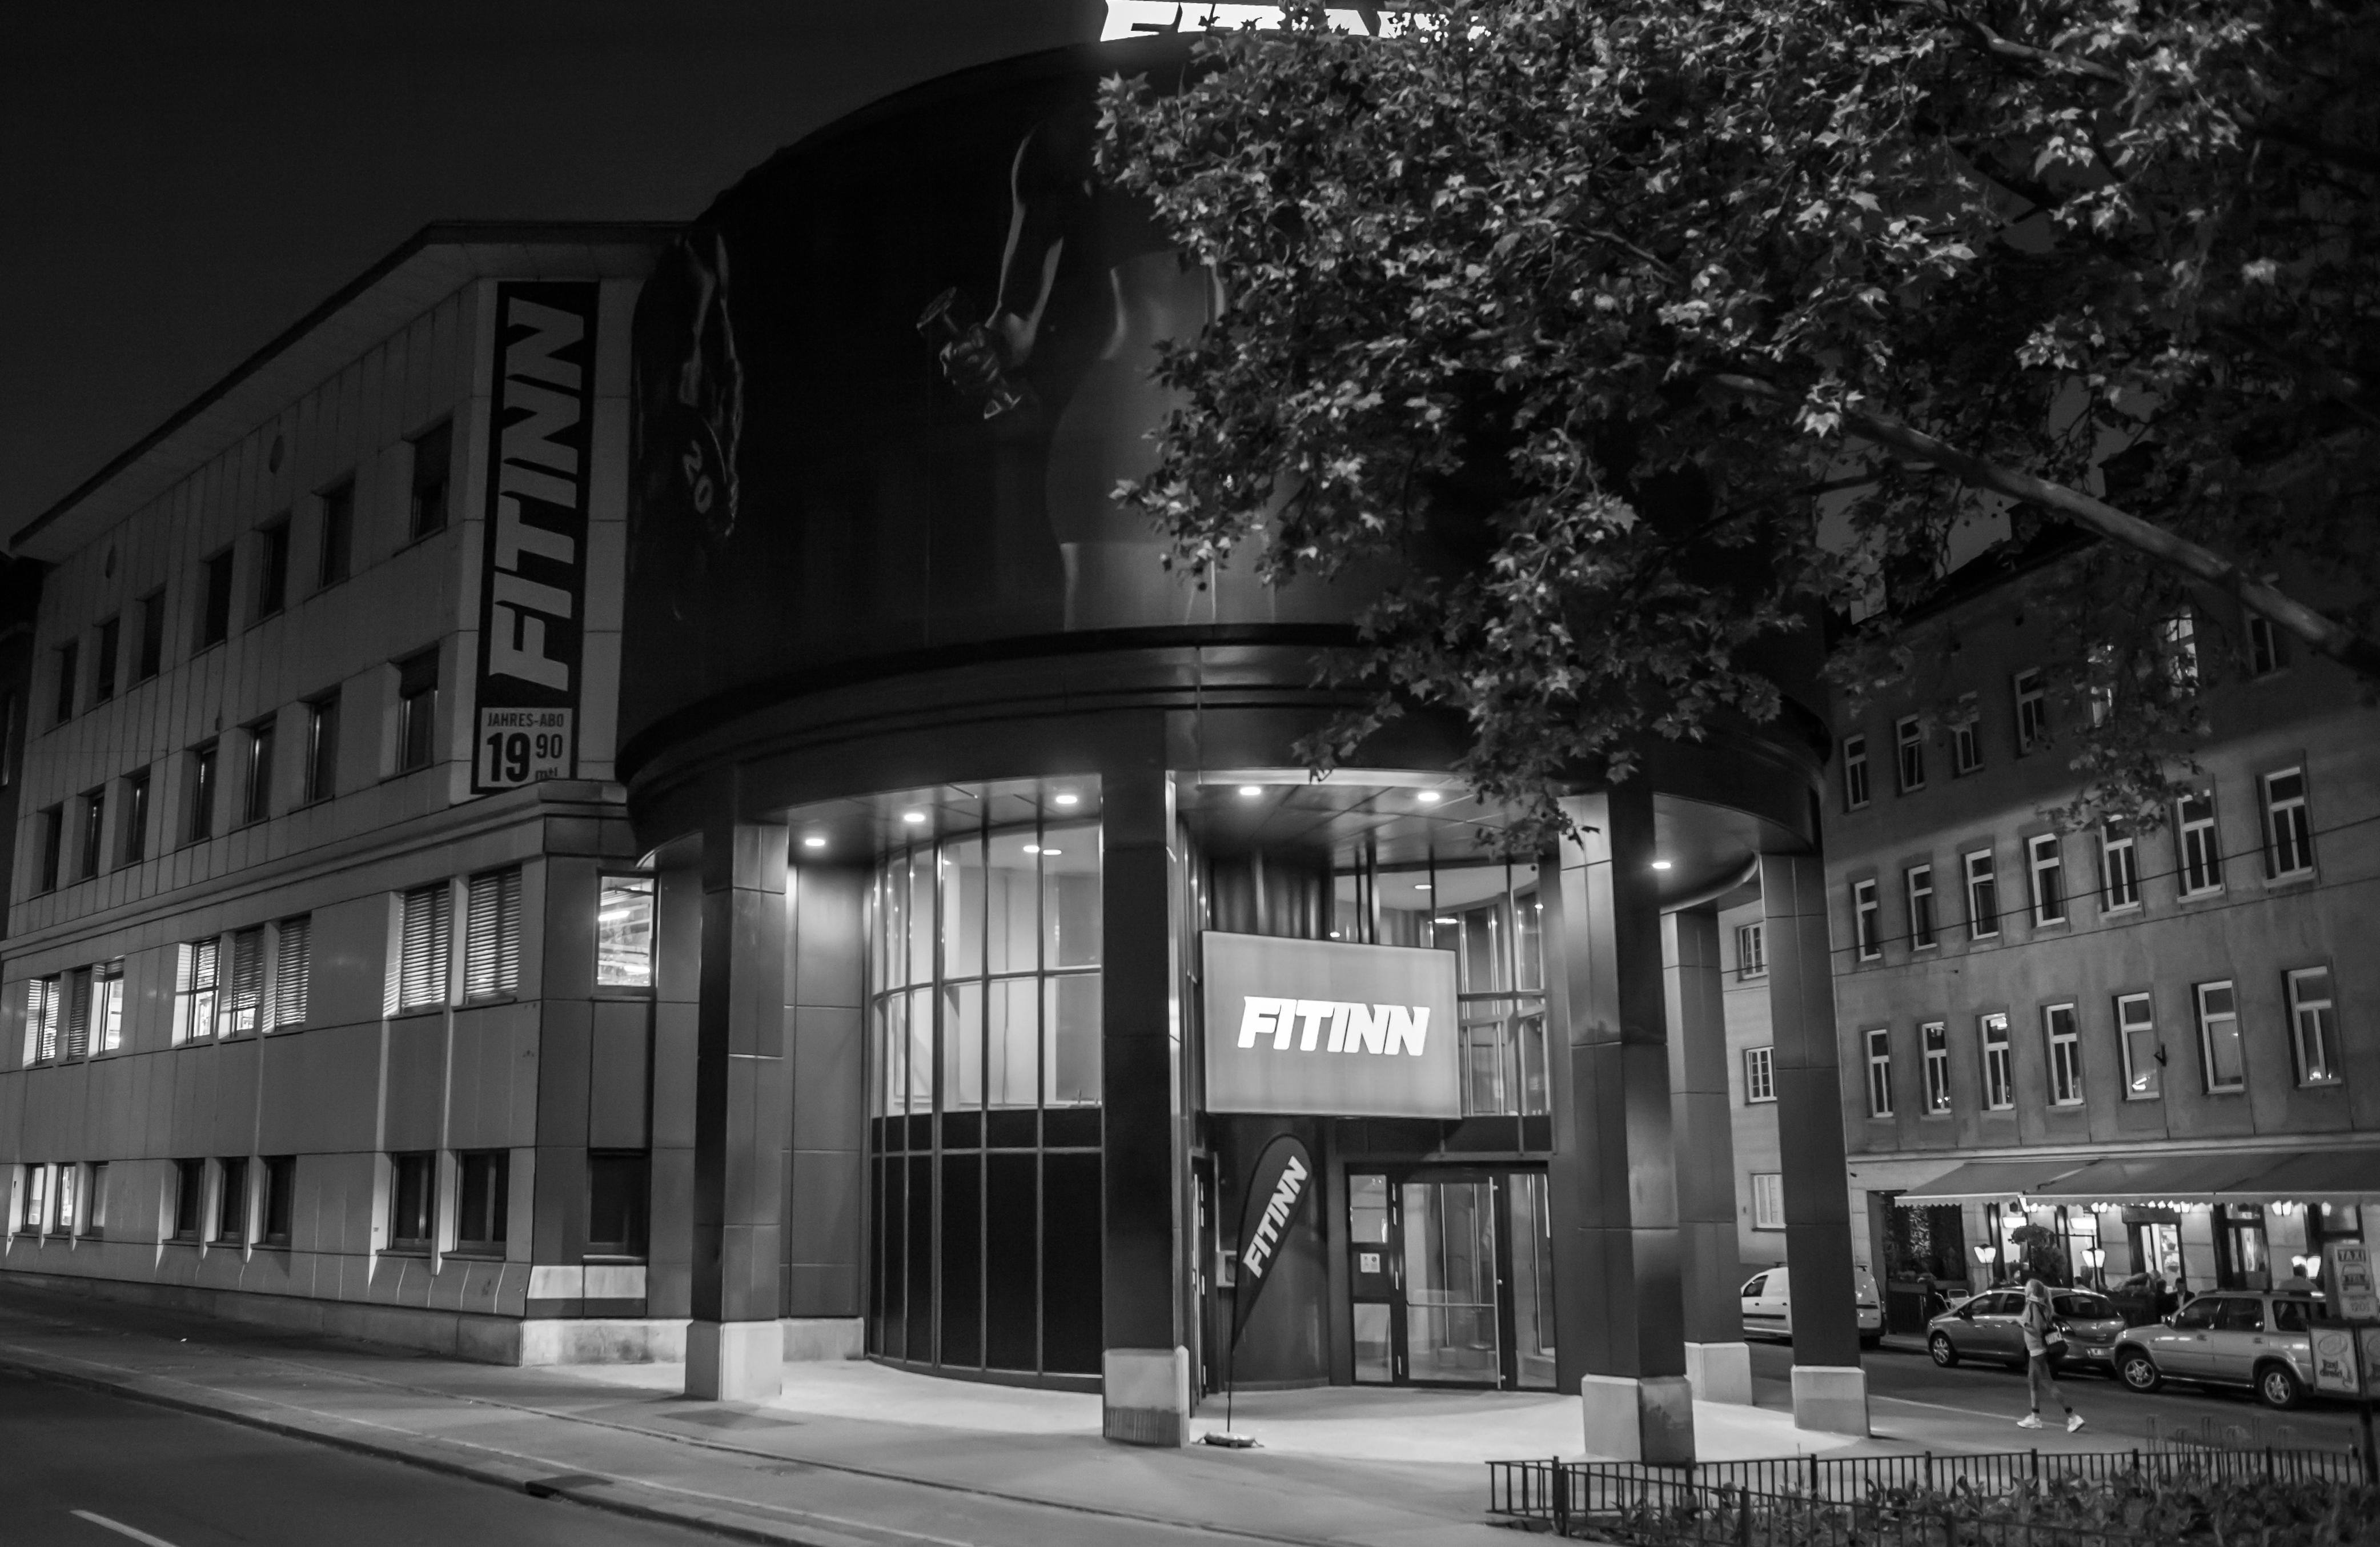 Fitnessstudio 1120 Wien Edelsinnstraße Fitnesscenter 12 Bezirk